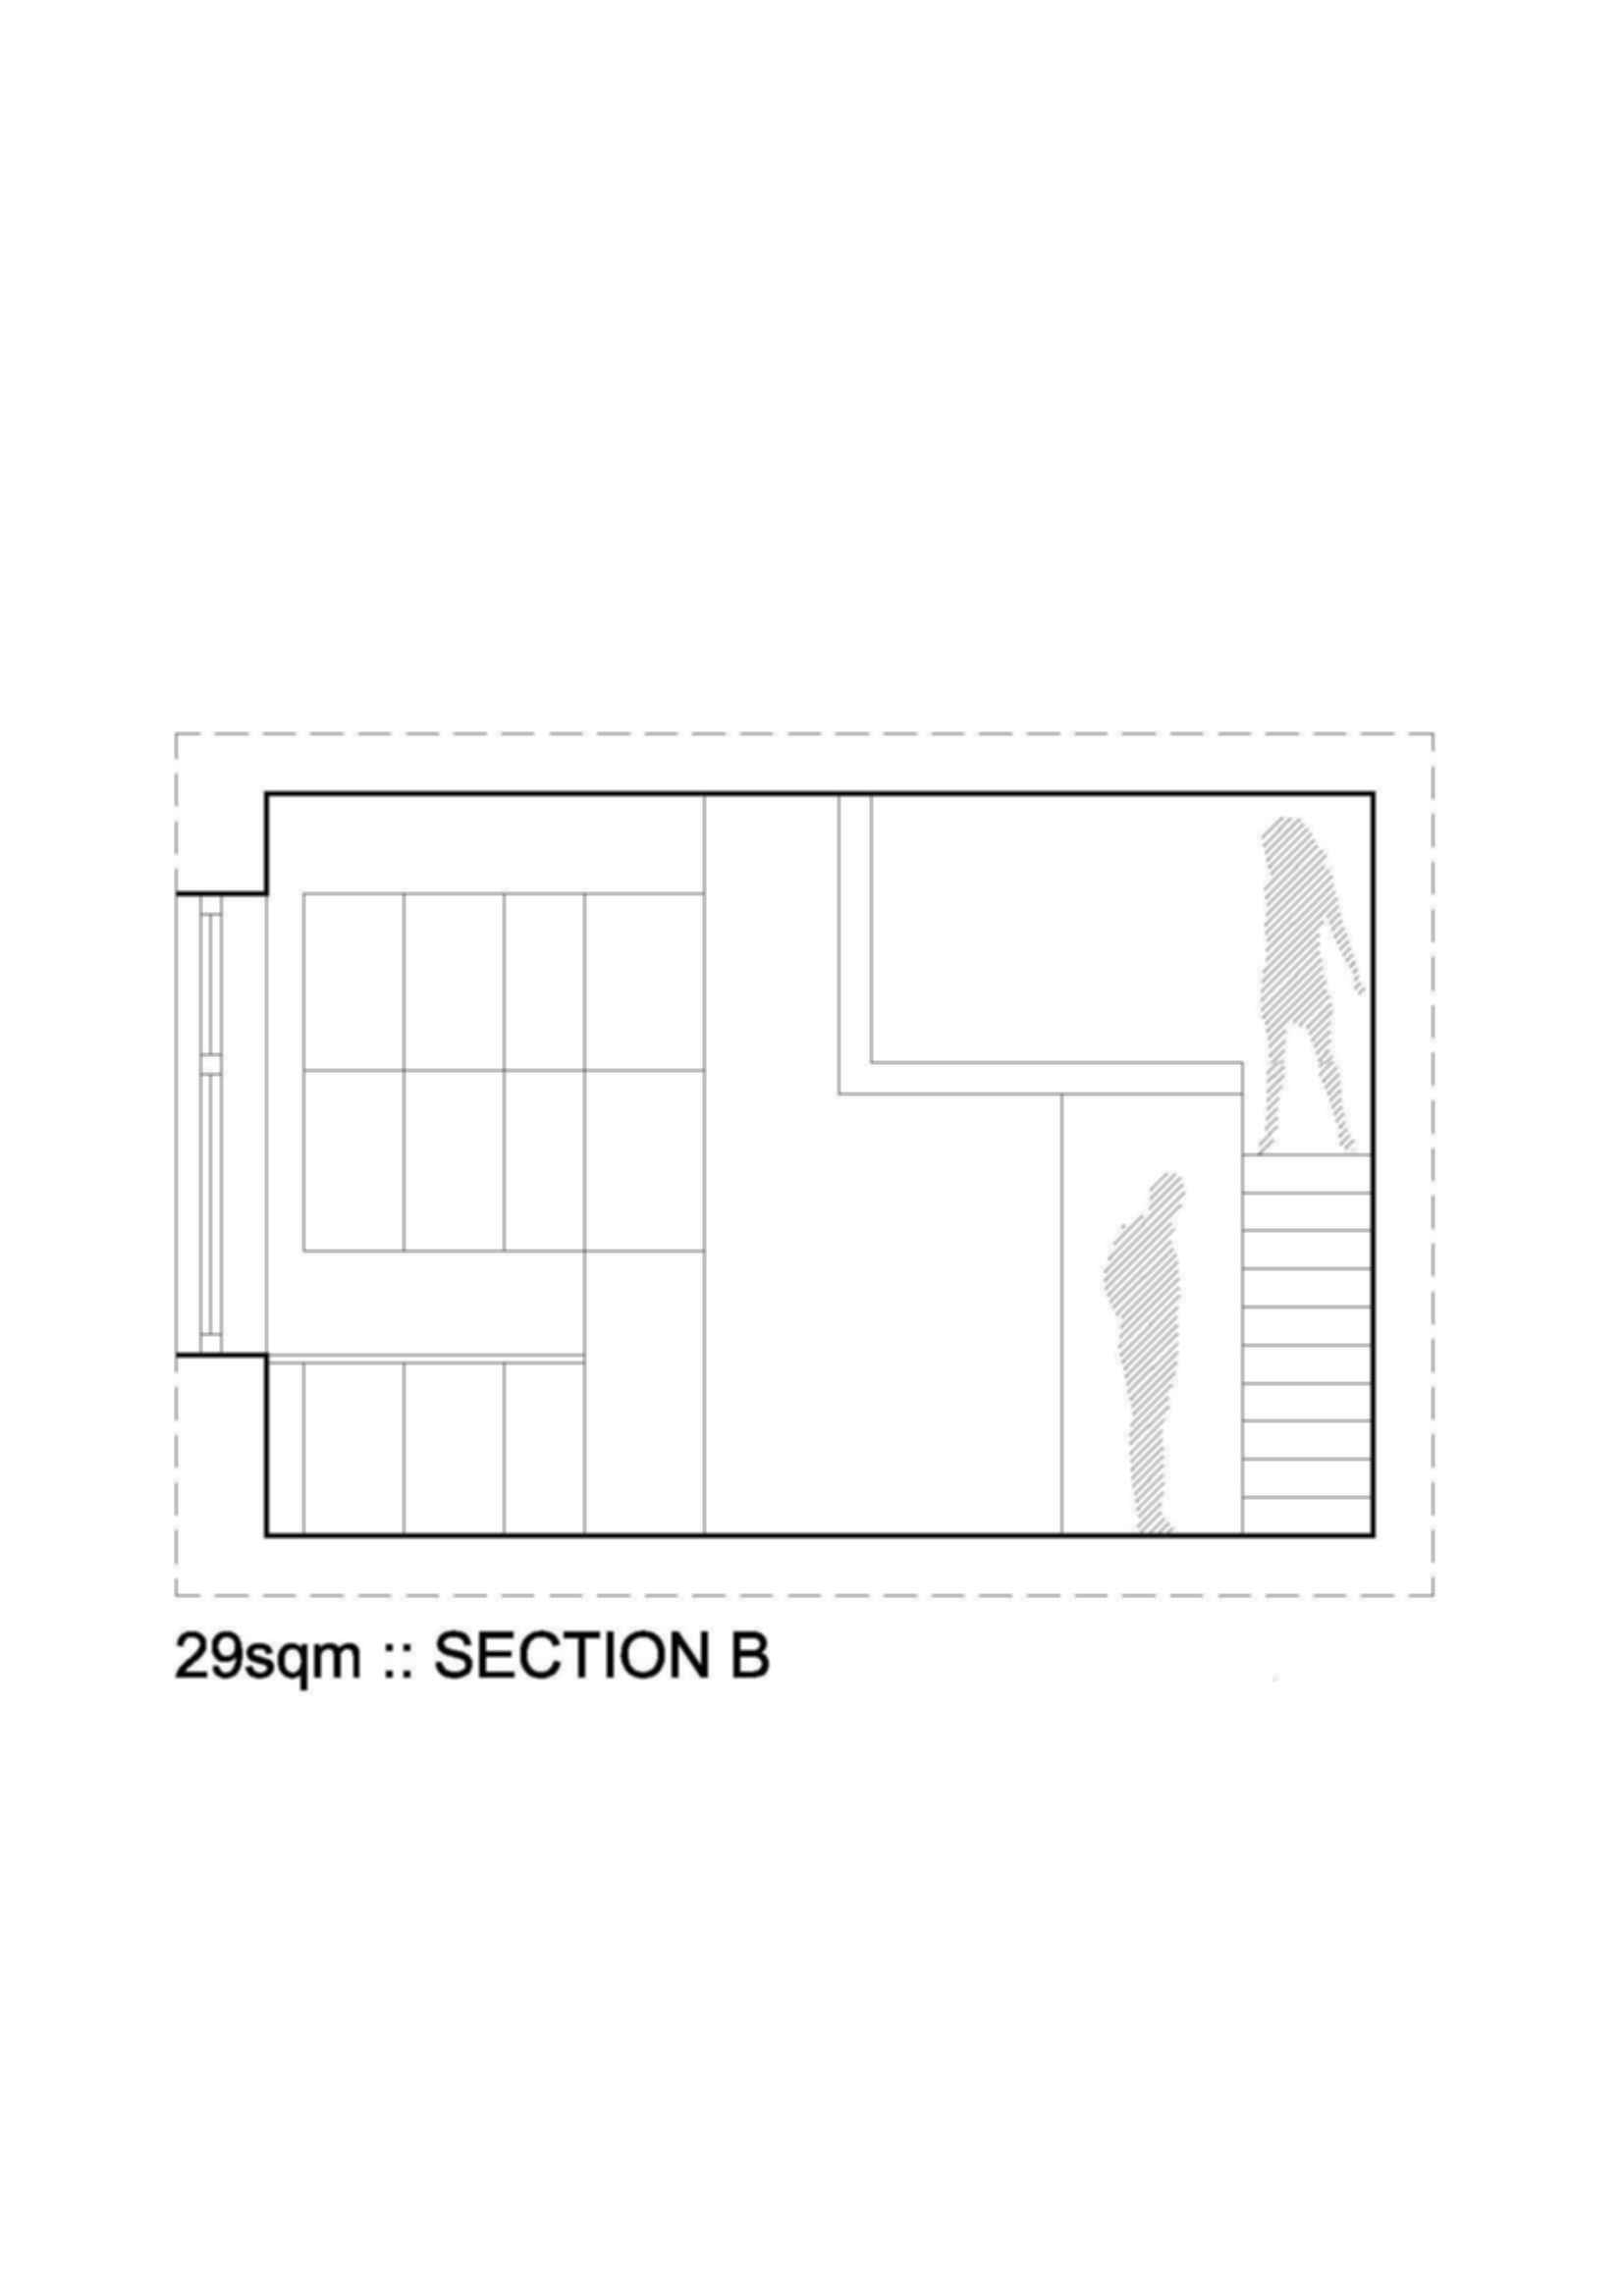 312 sq. ft - Concept Design